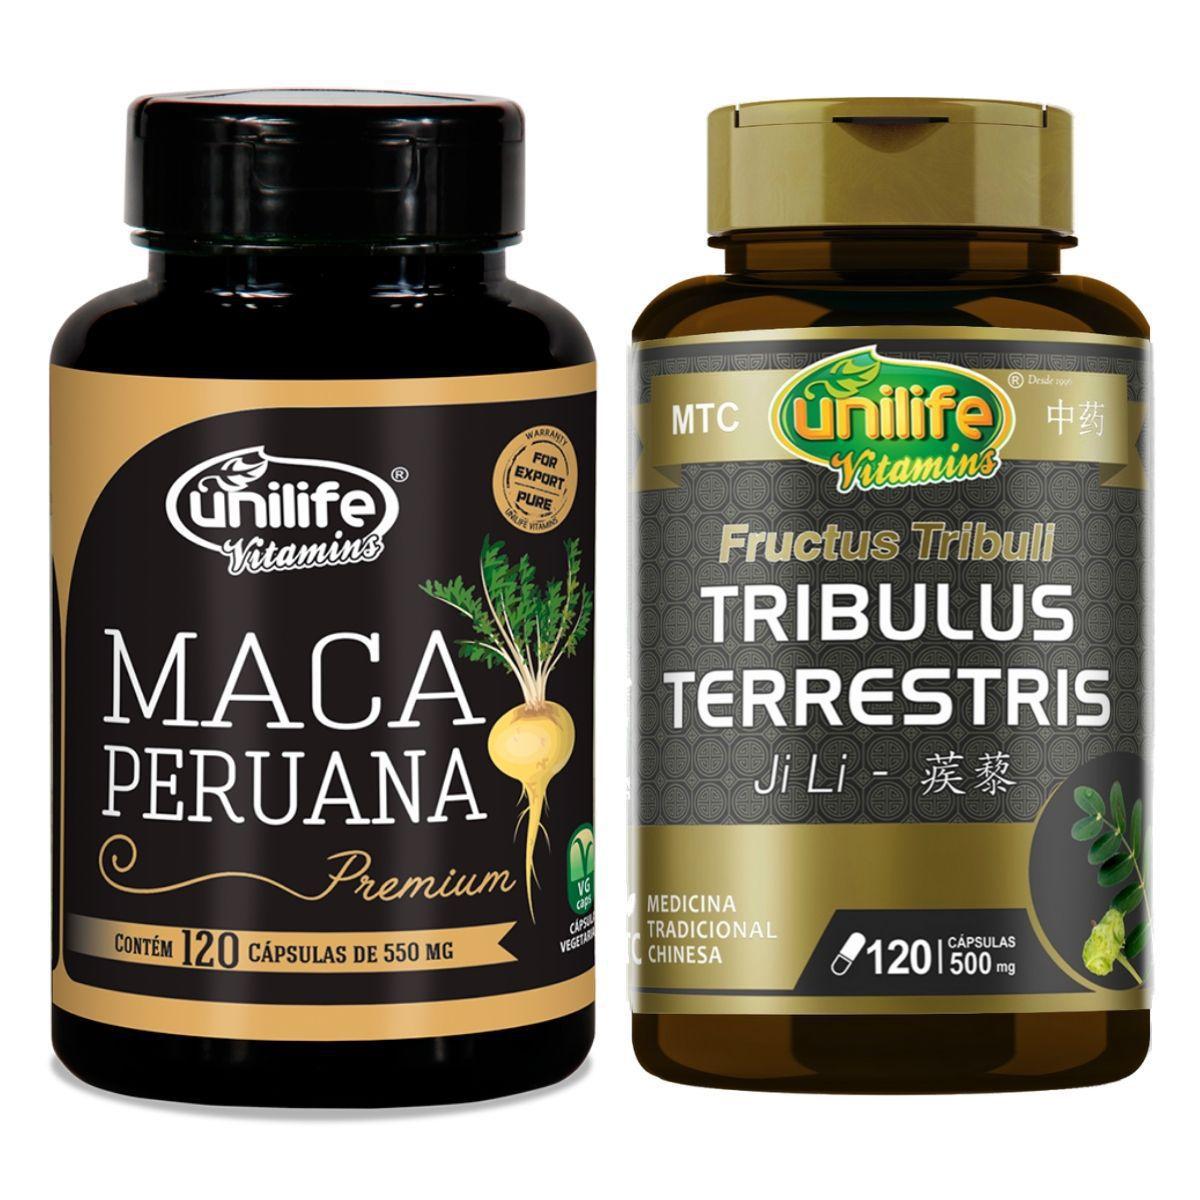 Kit Maca Peruana 120 Cápsulas 550mg E Tribulus Terrestris 120 Cápsulas 500mg - Unilife